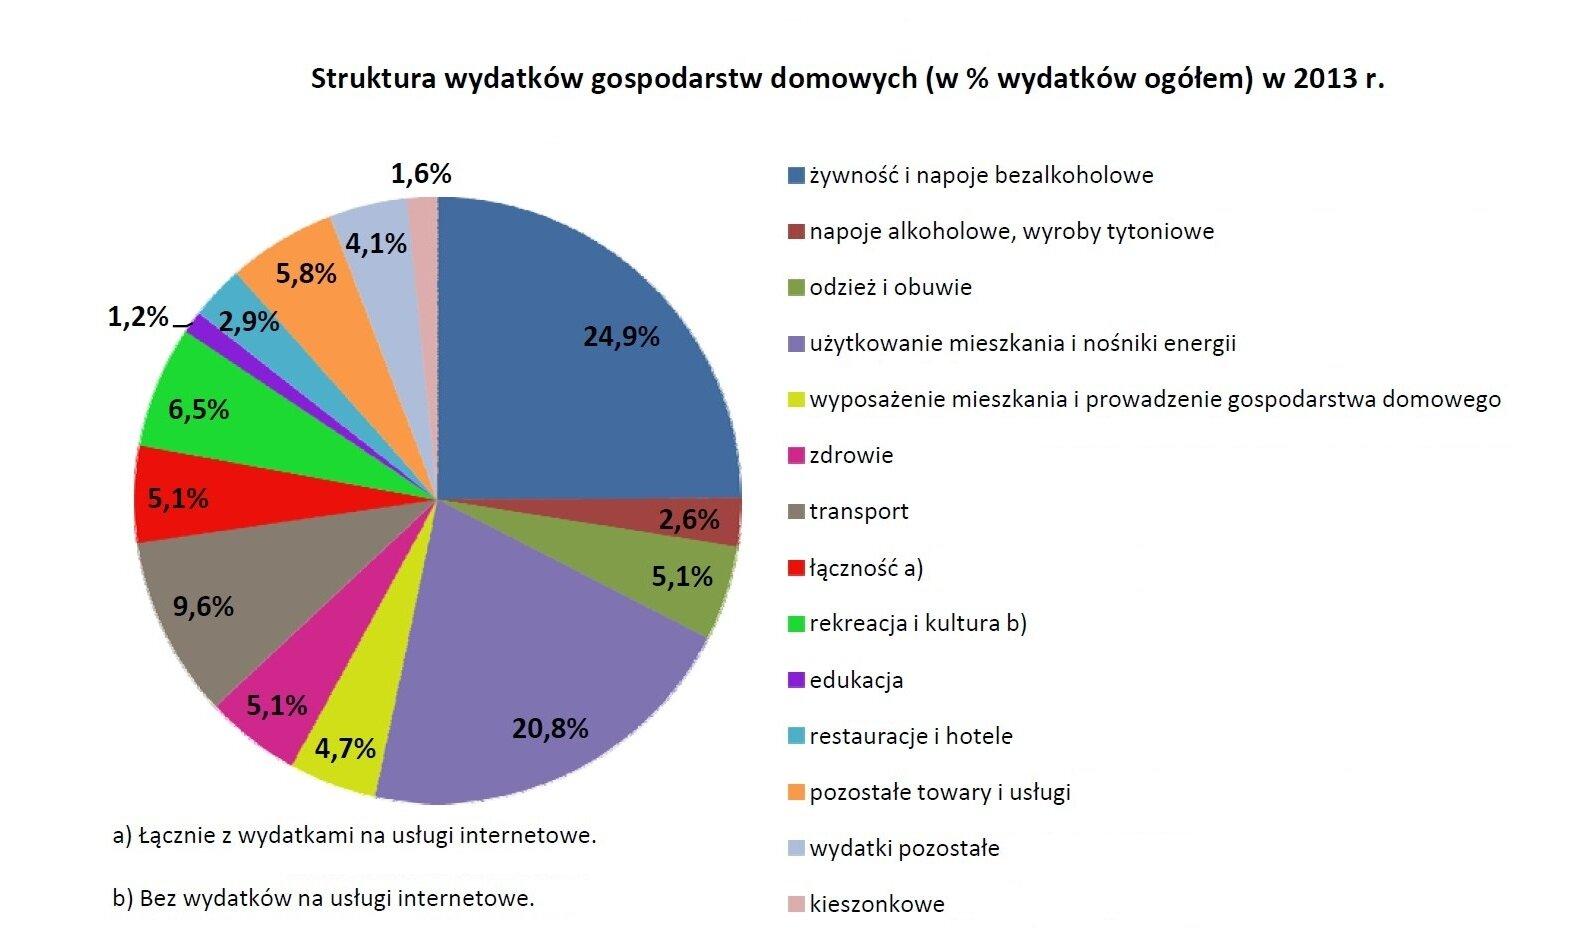 Wykres przedstawiający strukturę wydatków domowych